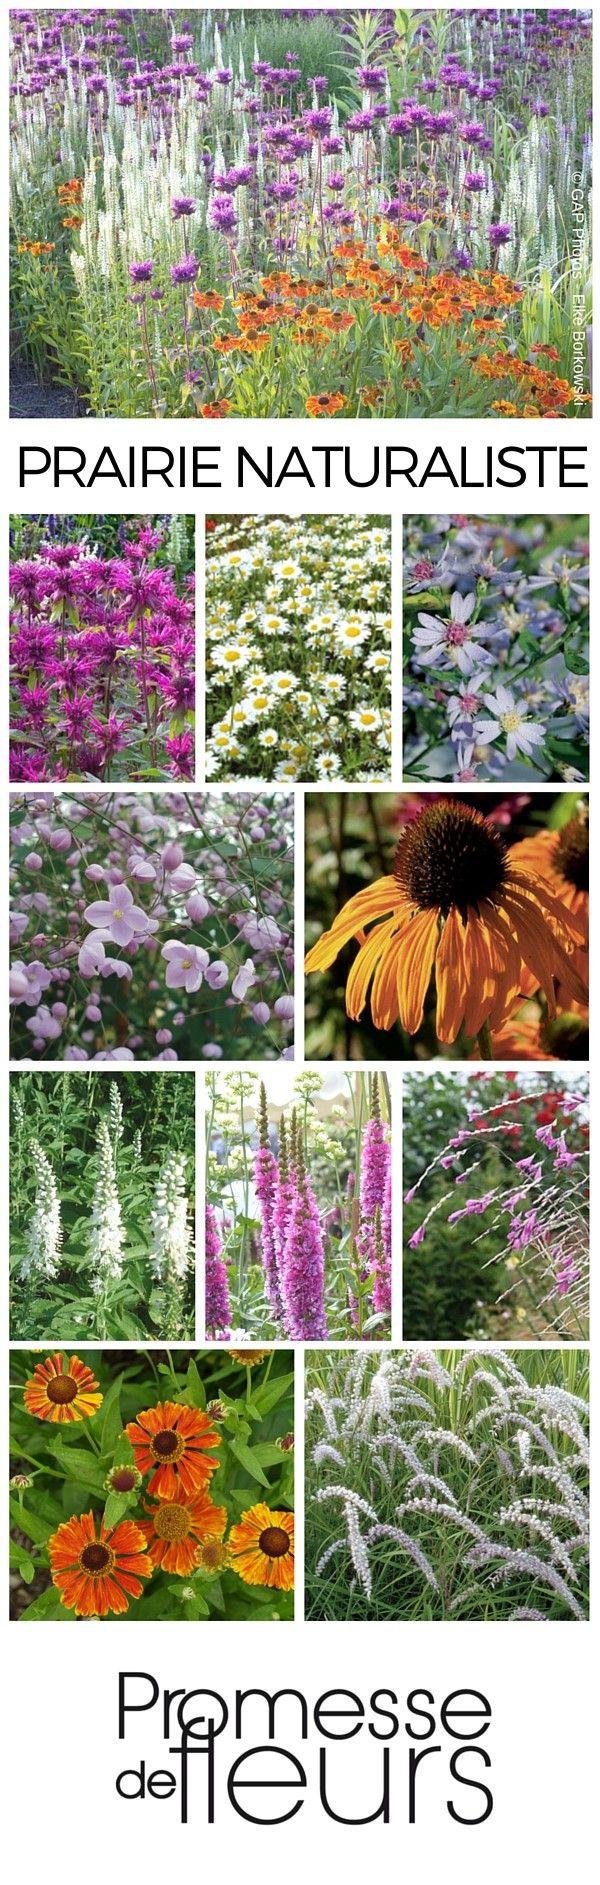 883 best images about garden paths on pinterest shade garden - Cette Prairie Naturaliste Est Inspir E Des Prairies Sauvages Humides Ce Type Prairie Gardenlandscaping